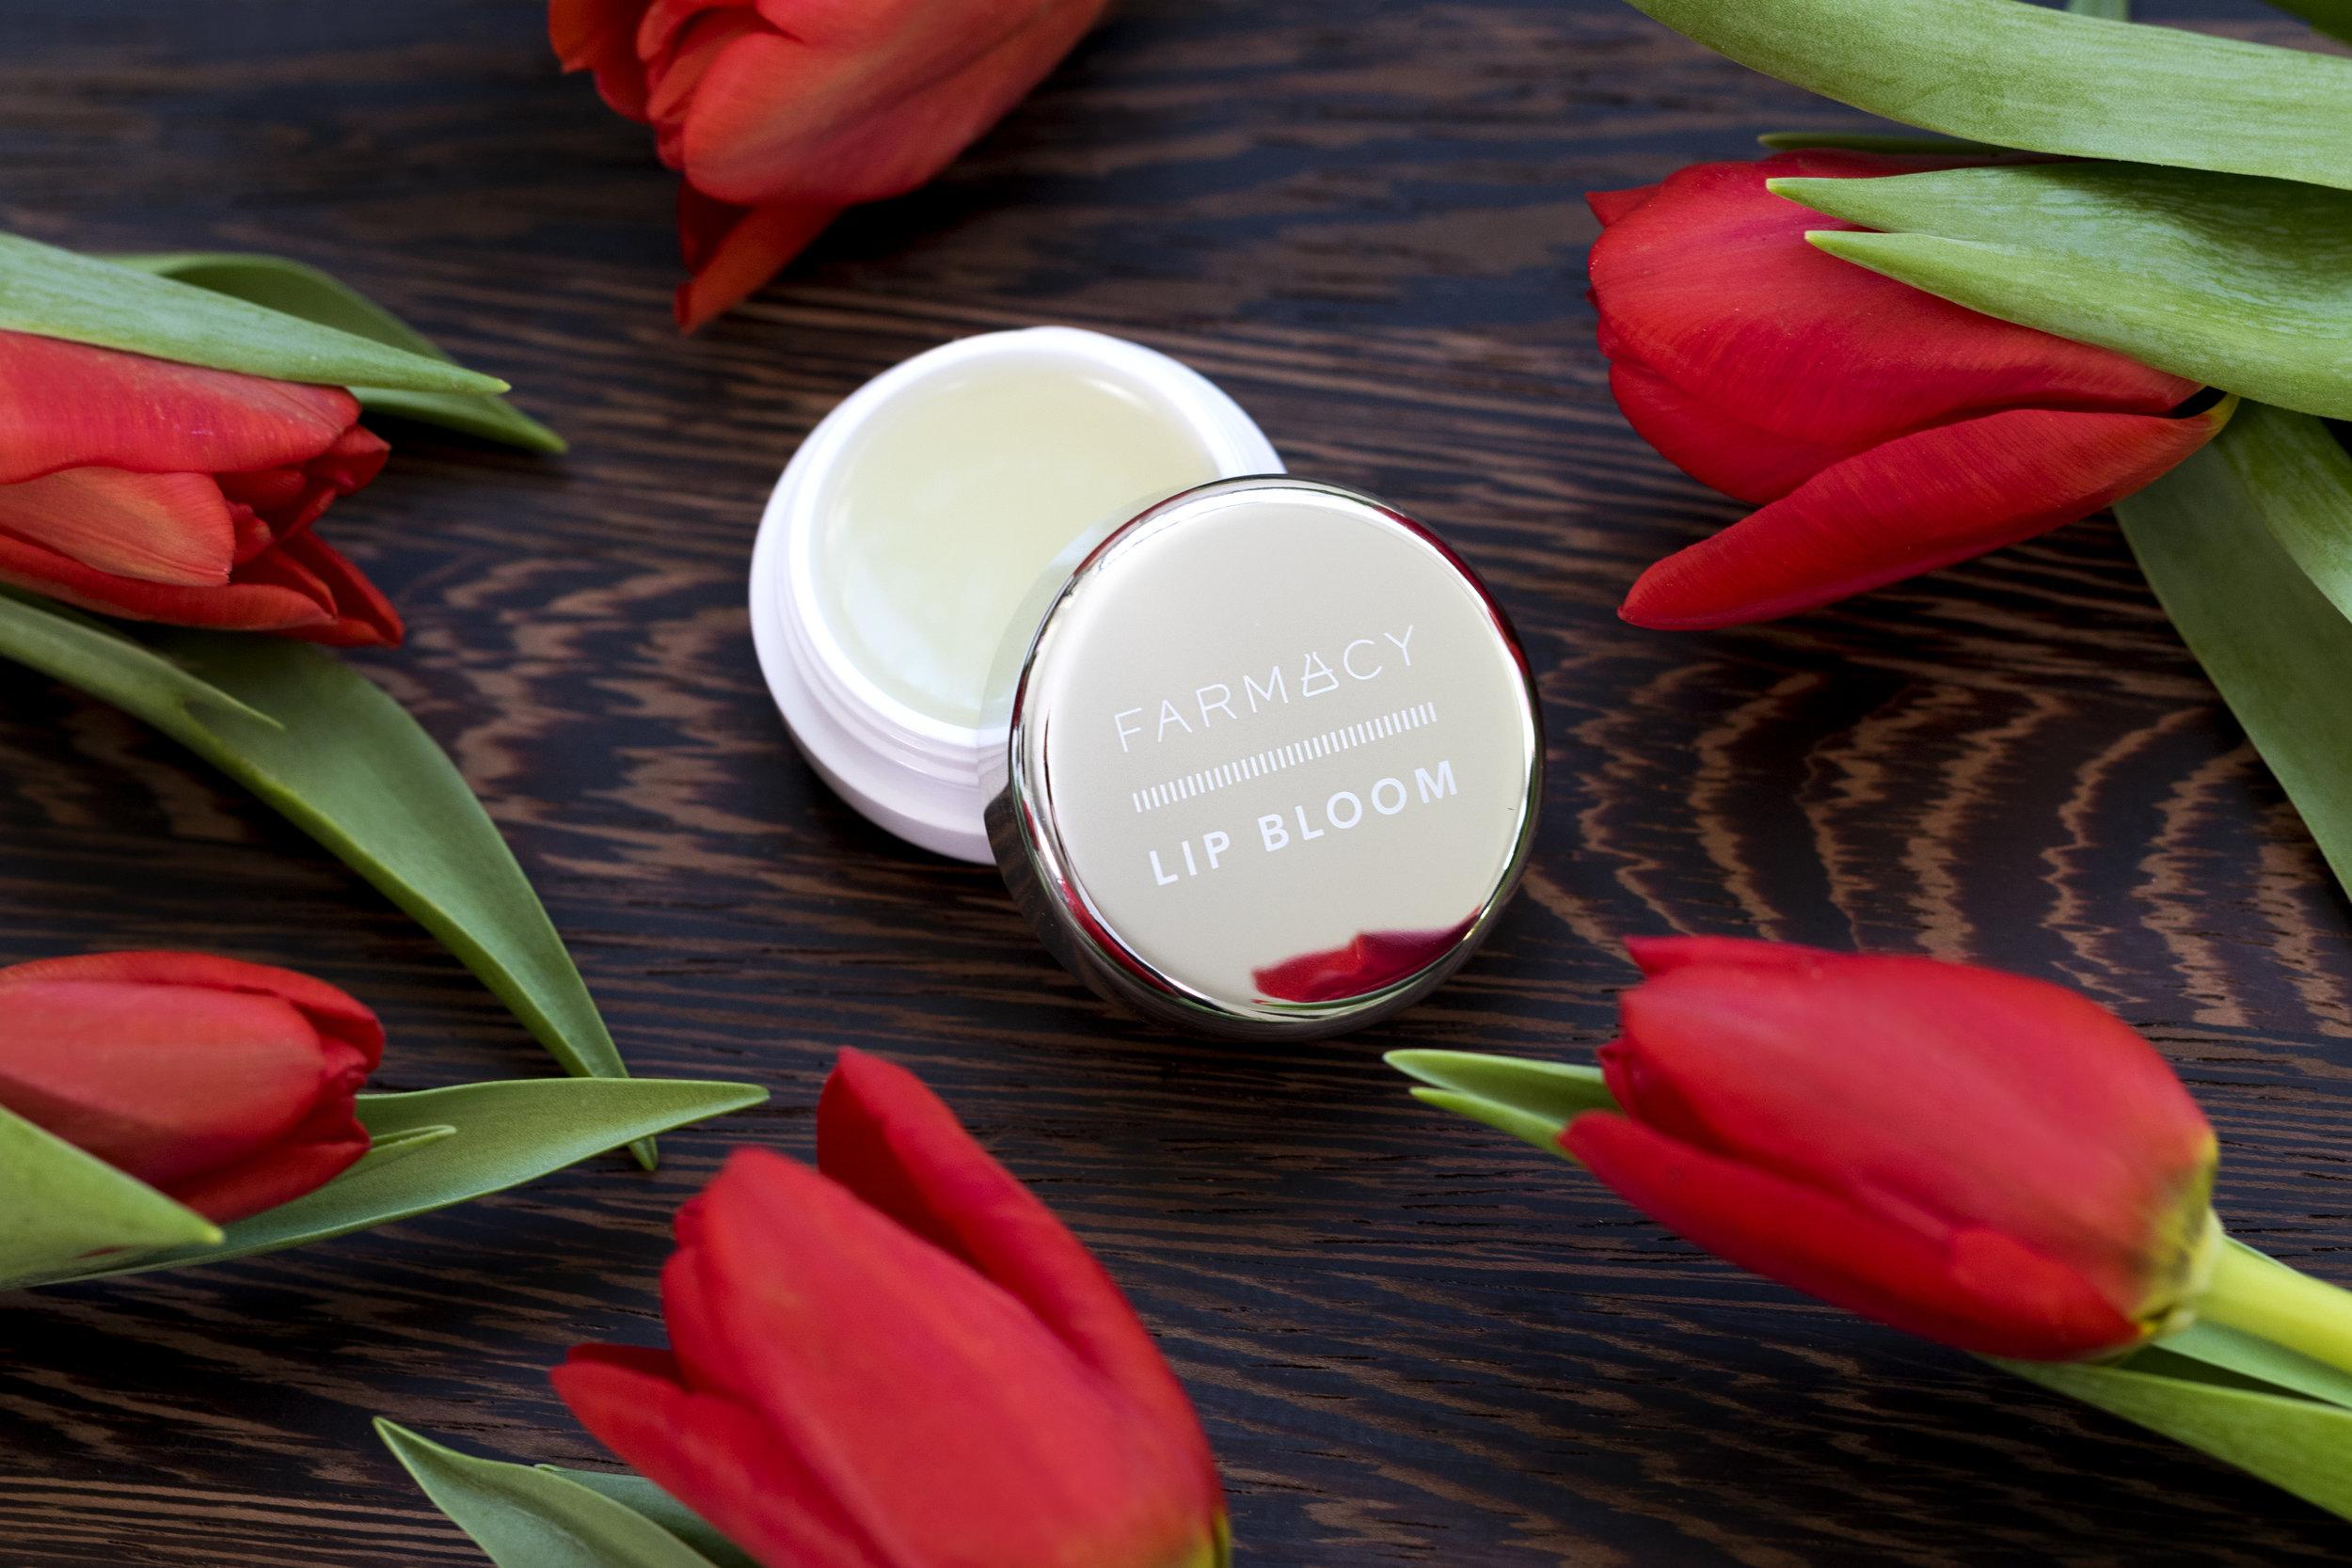 lipbloom_5.jpg